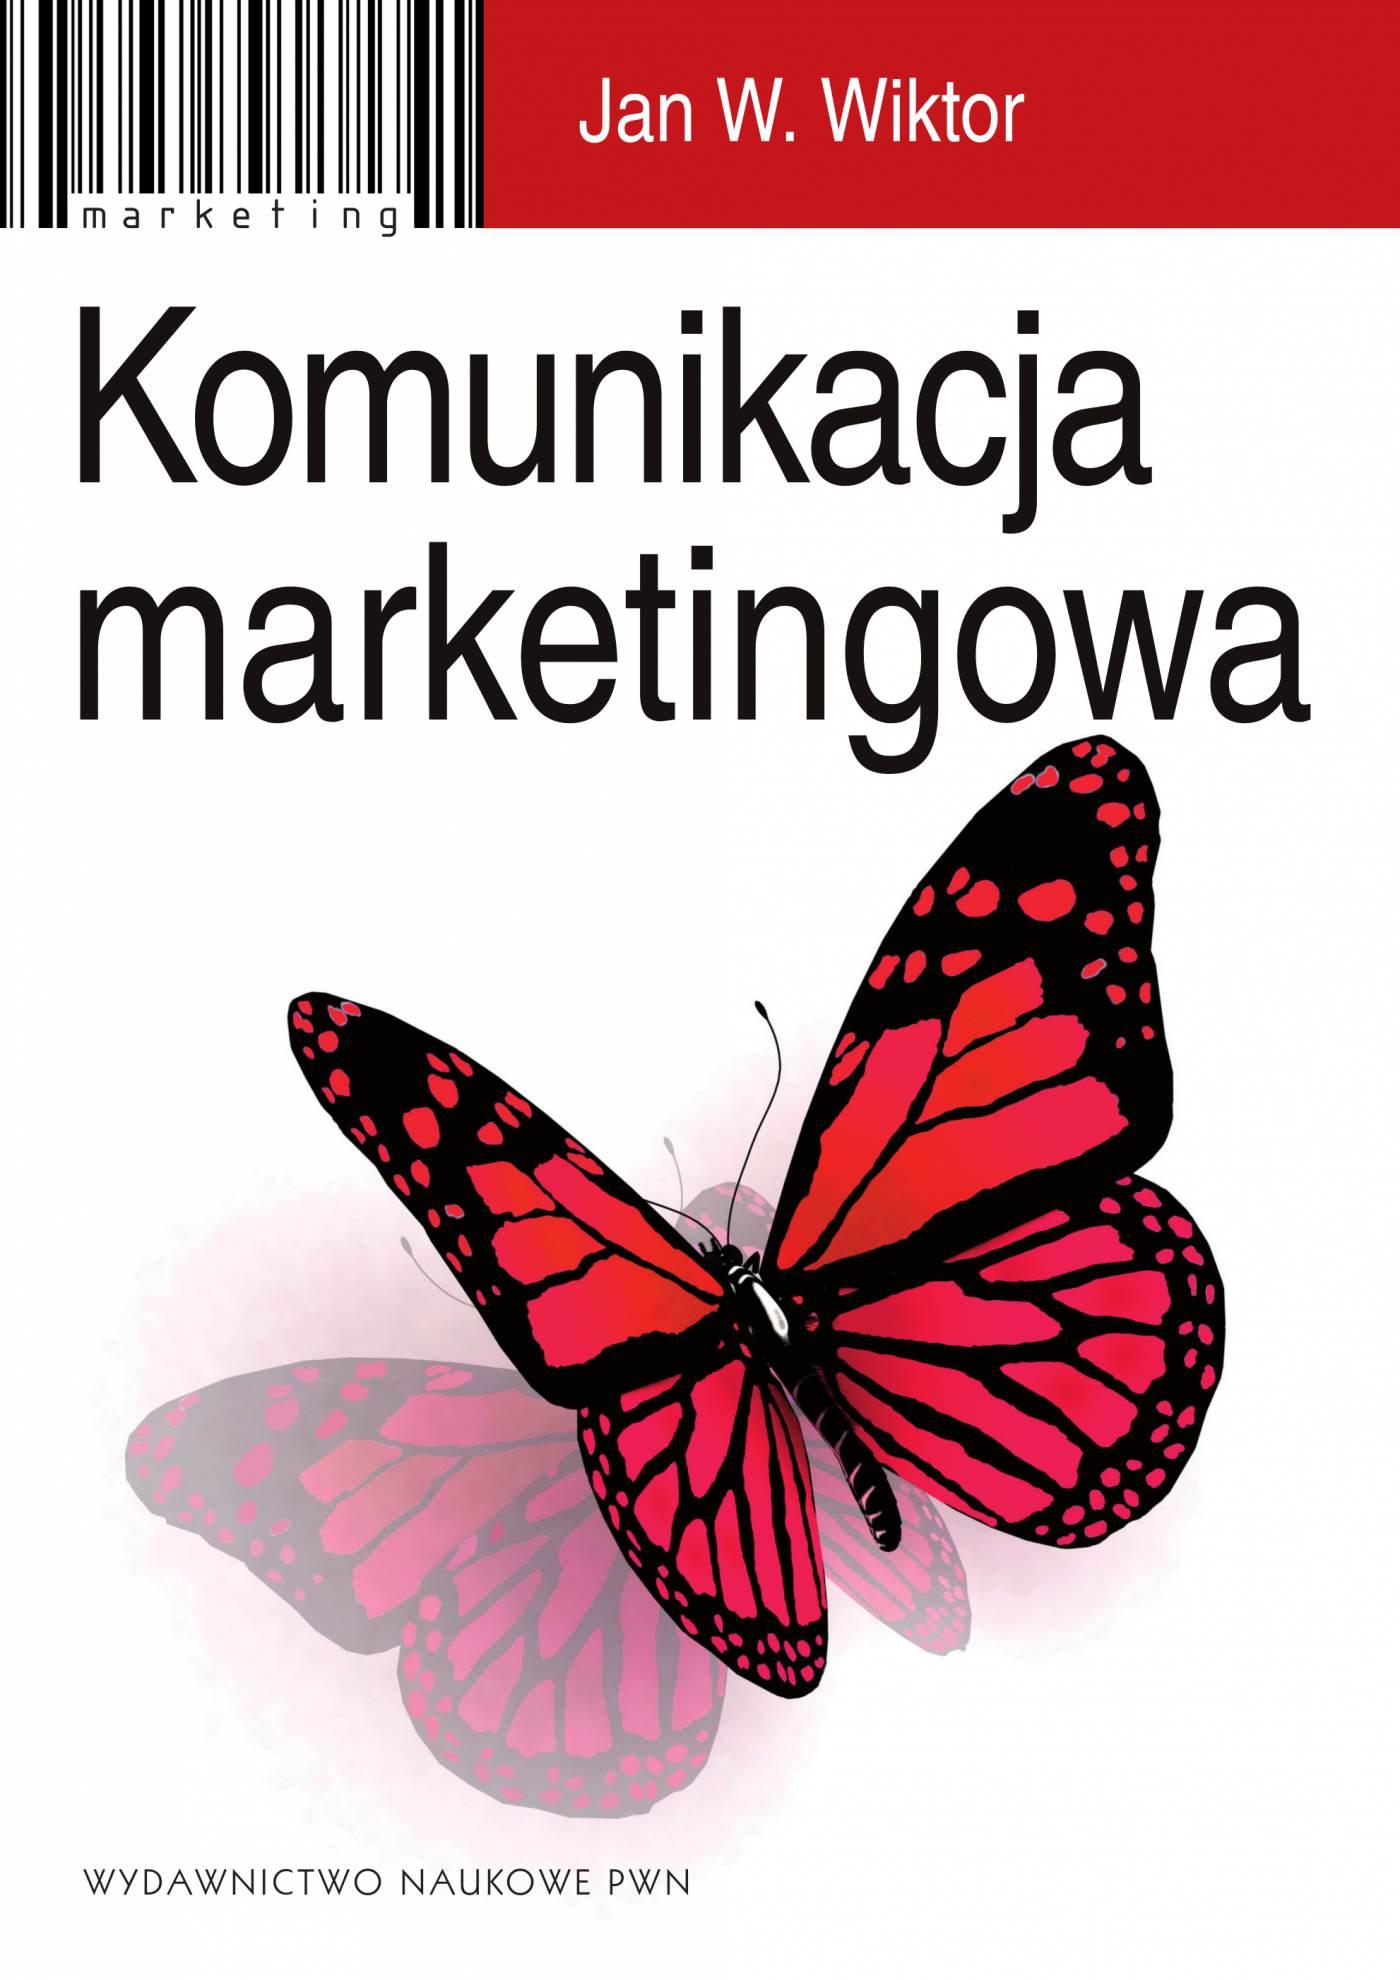 Komunikacja marketingowa. Modele, struktury, formy przekazu - Ebook (Książka EPUB) do pobrania w formacie EPUB